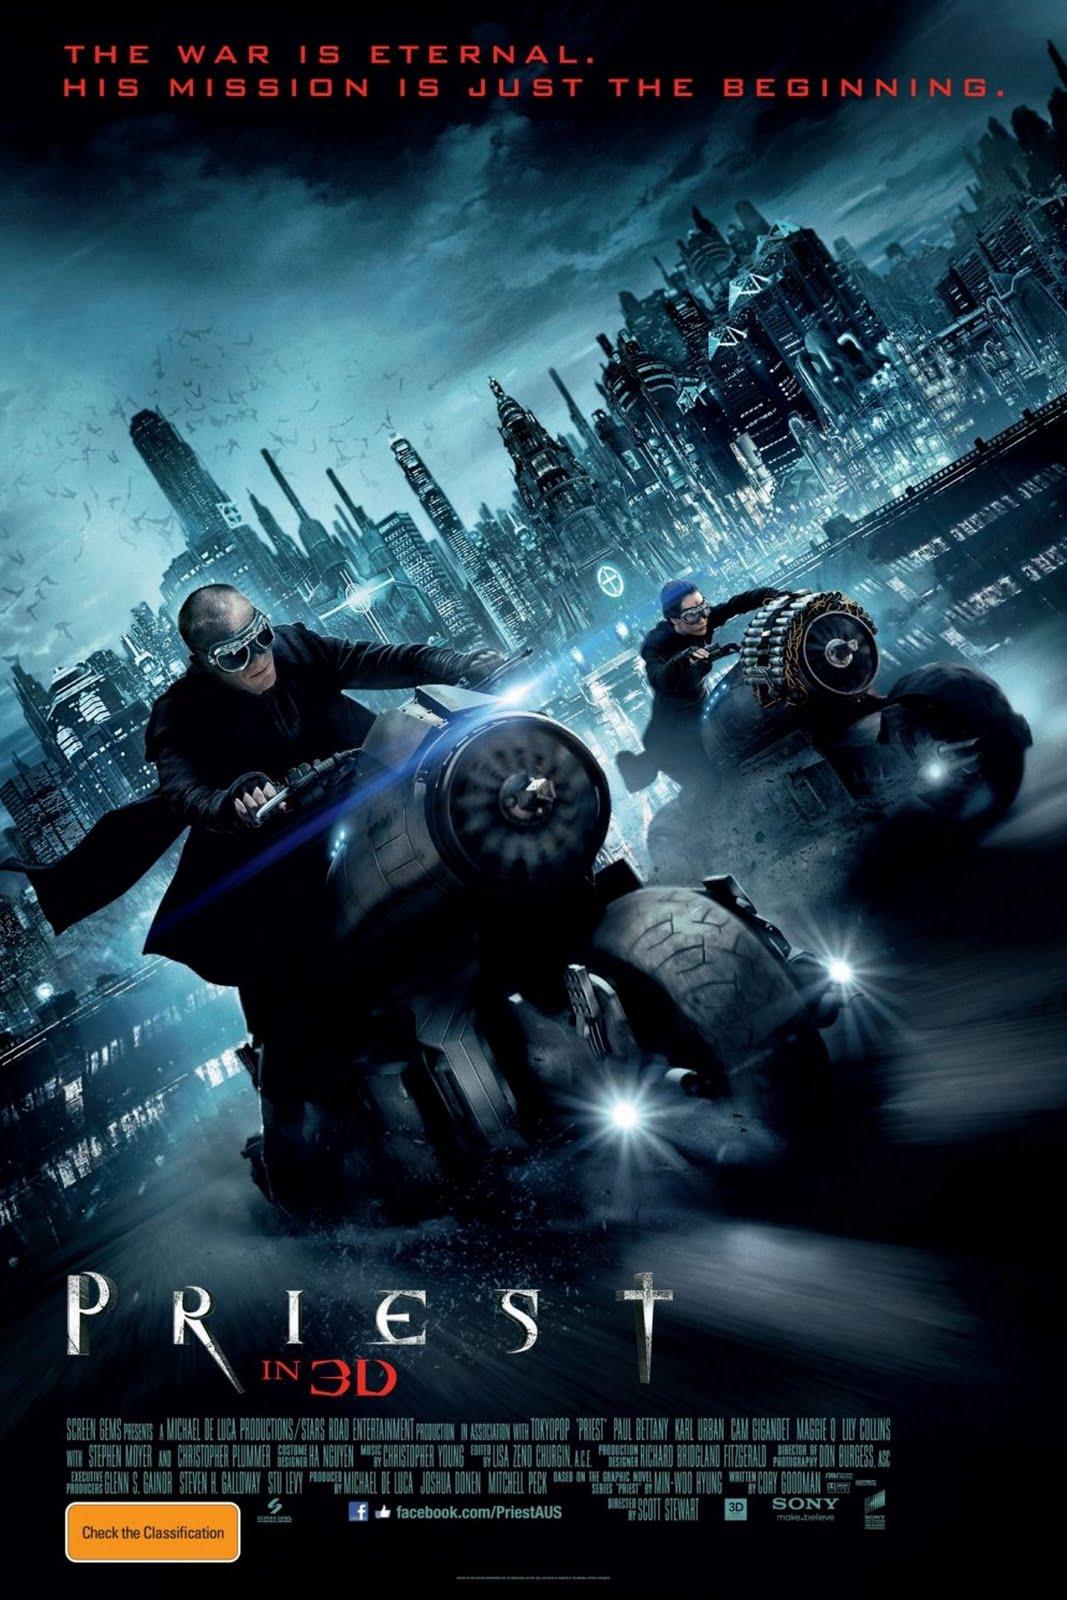 Ksiądz / Priest